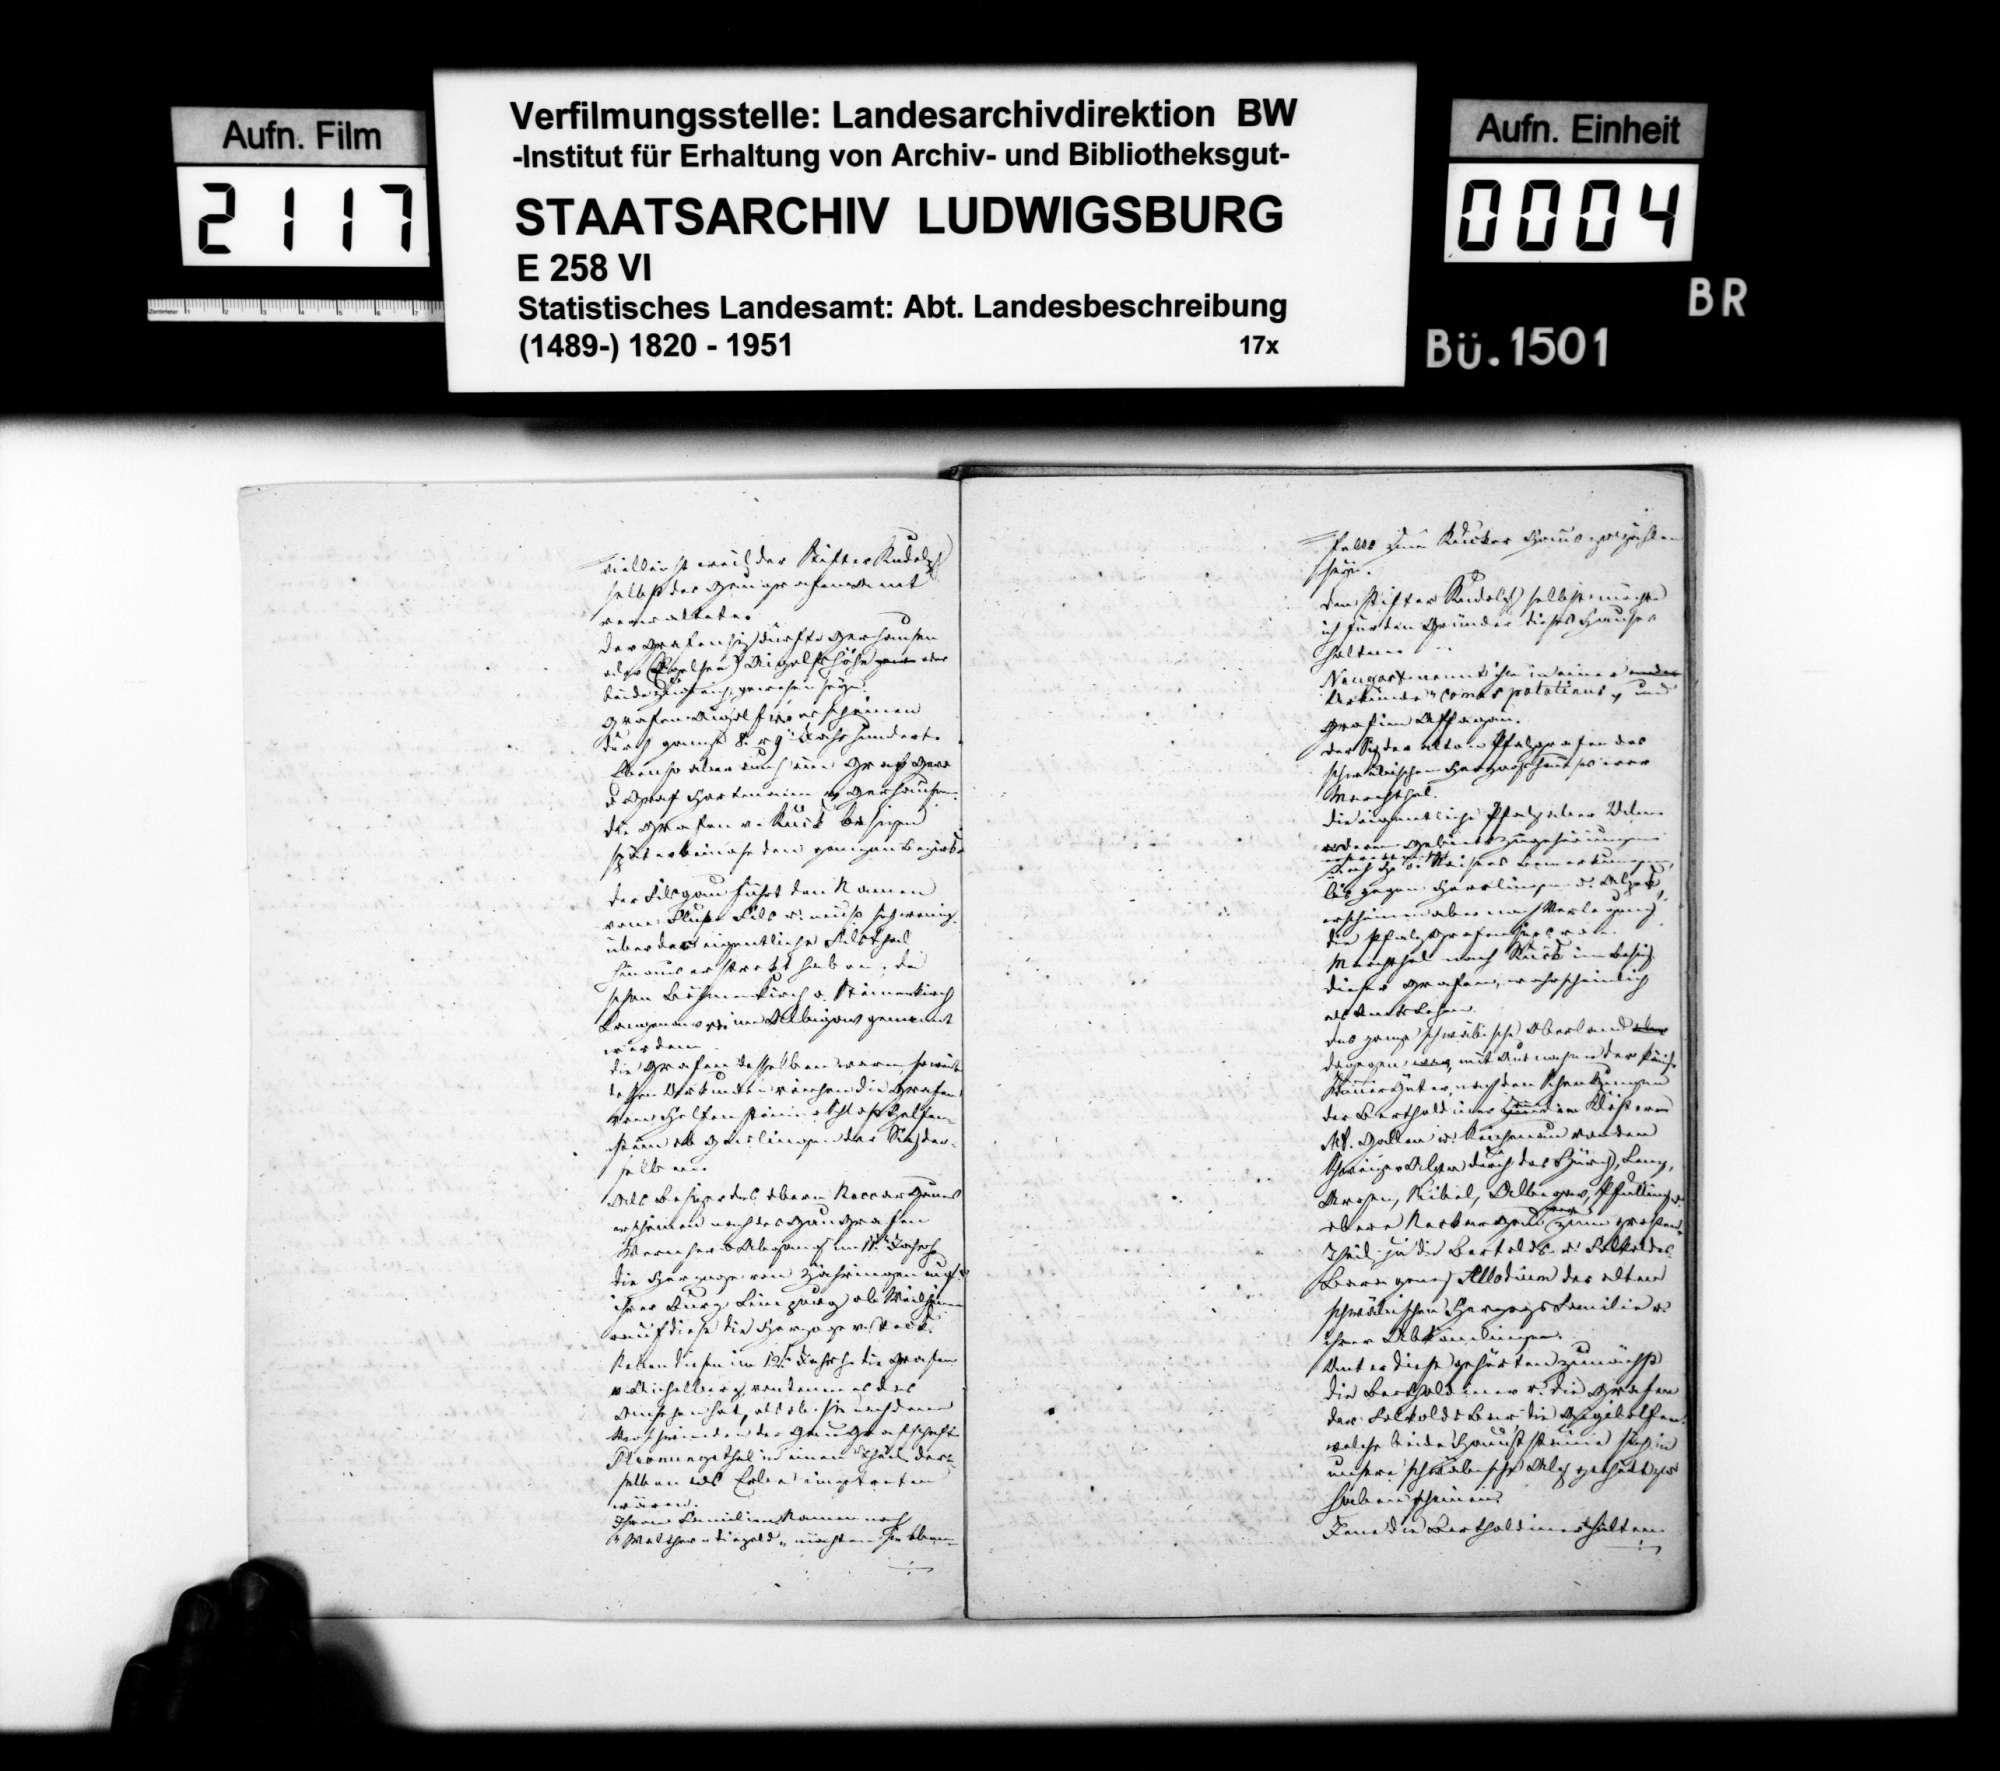 Beschreibung des Gebiets der vormaligen Herrschaft Wiesensteig durch den Steuerkommissär Steinheil, gewesenen Kameralamtsbuchhalter in Wiesensteig, Bild 3